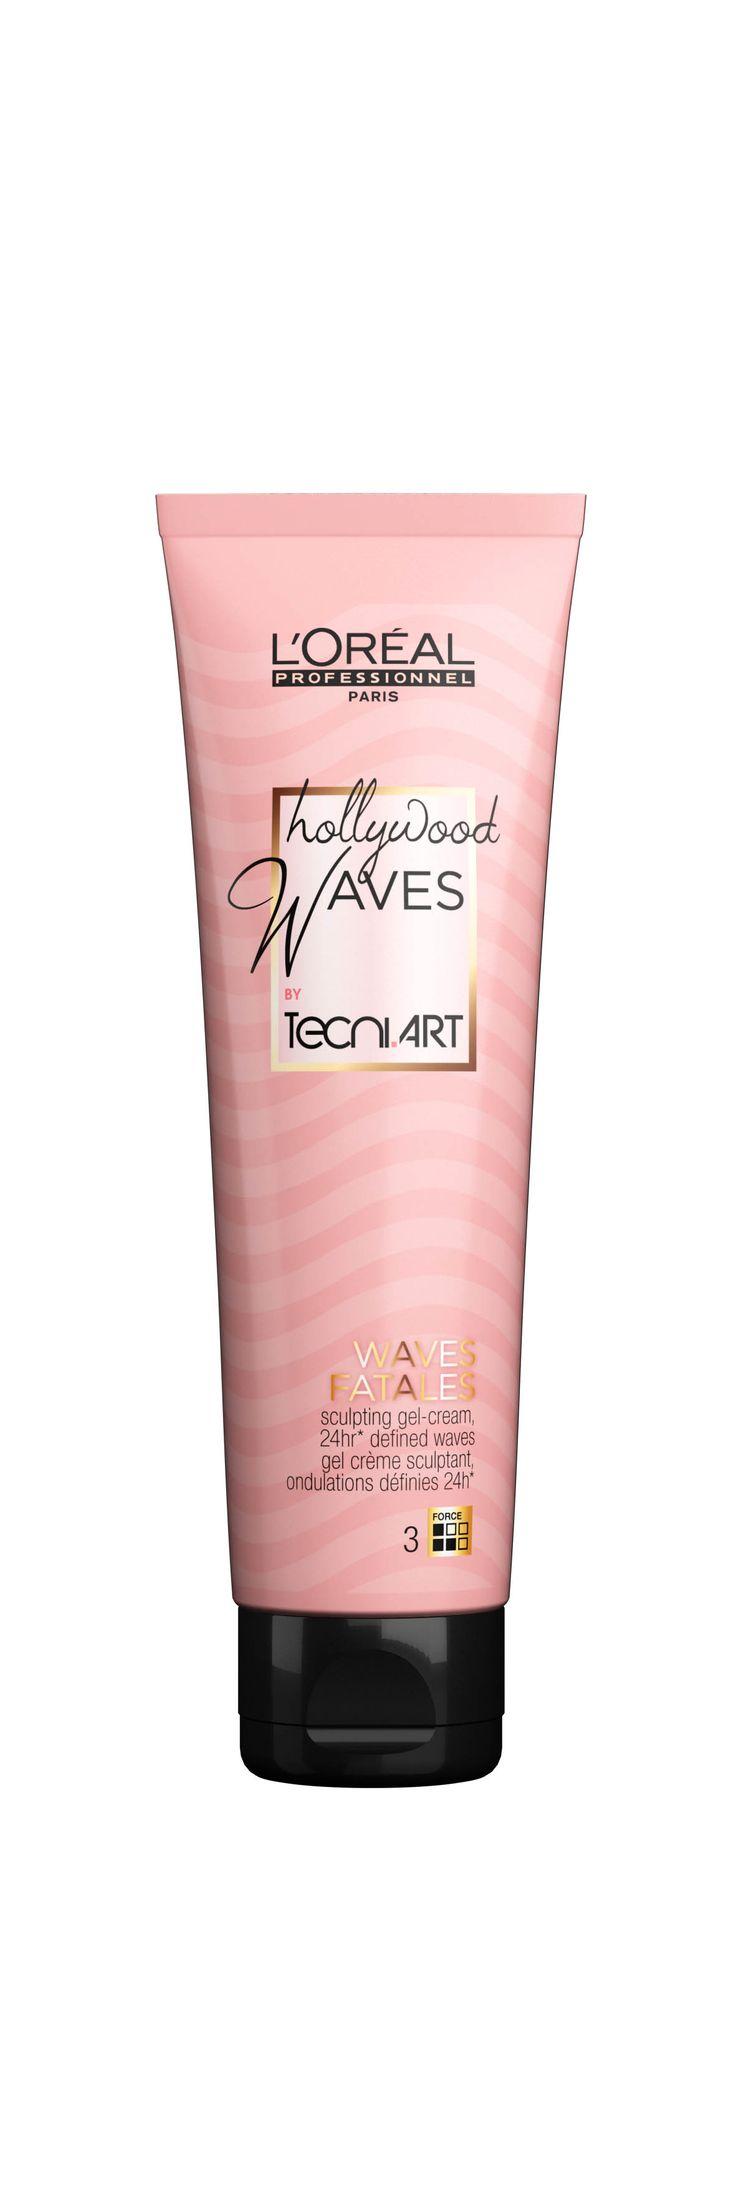 L'Oréal Professionnel Paris Hollywood Waves By Tecni.art Waves Fatales 150ml.